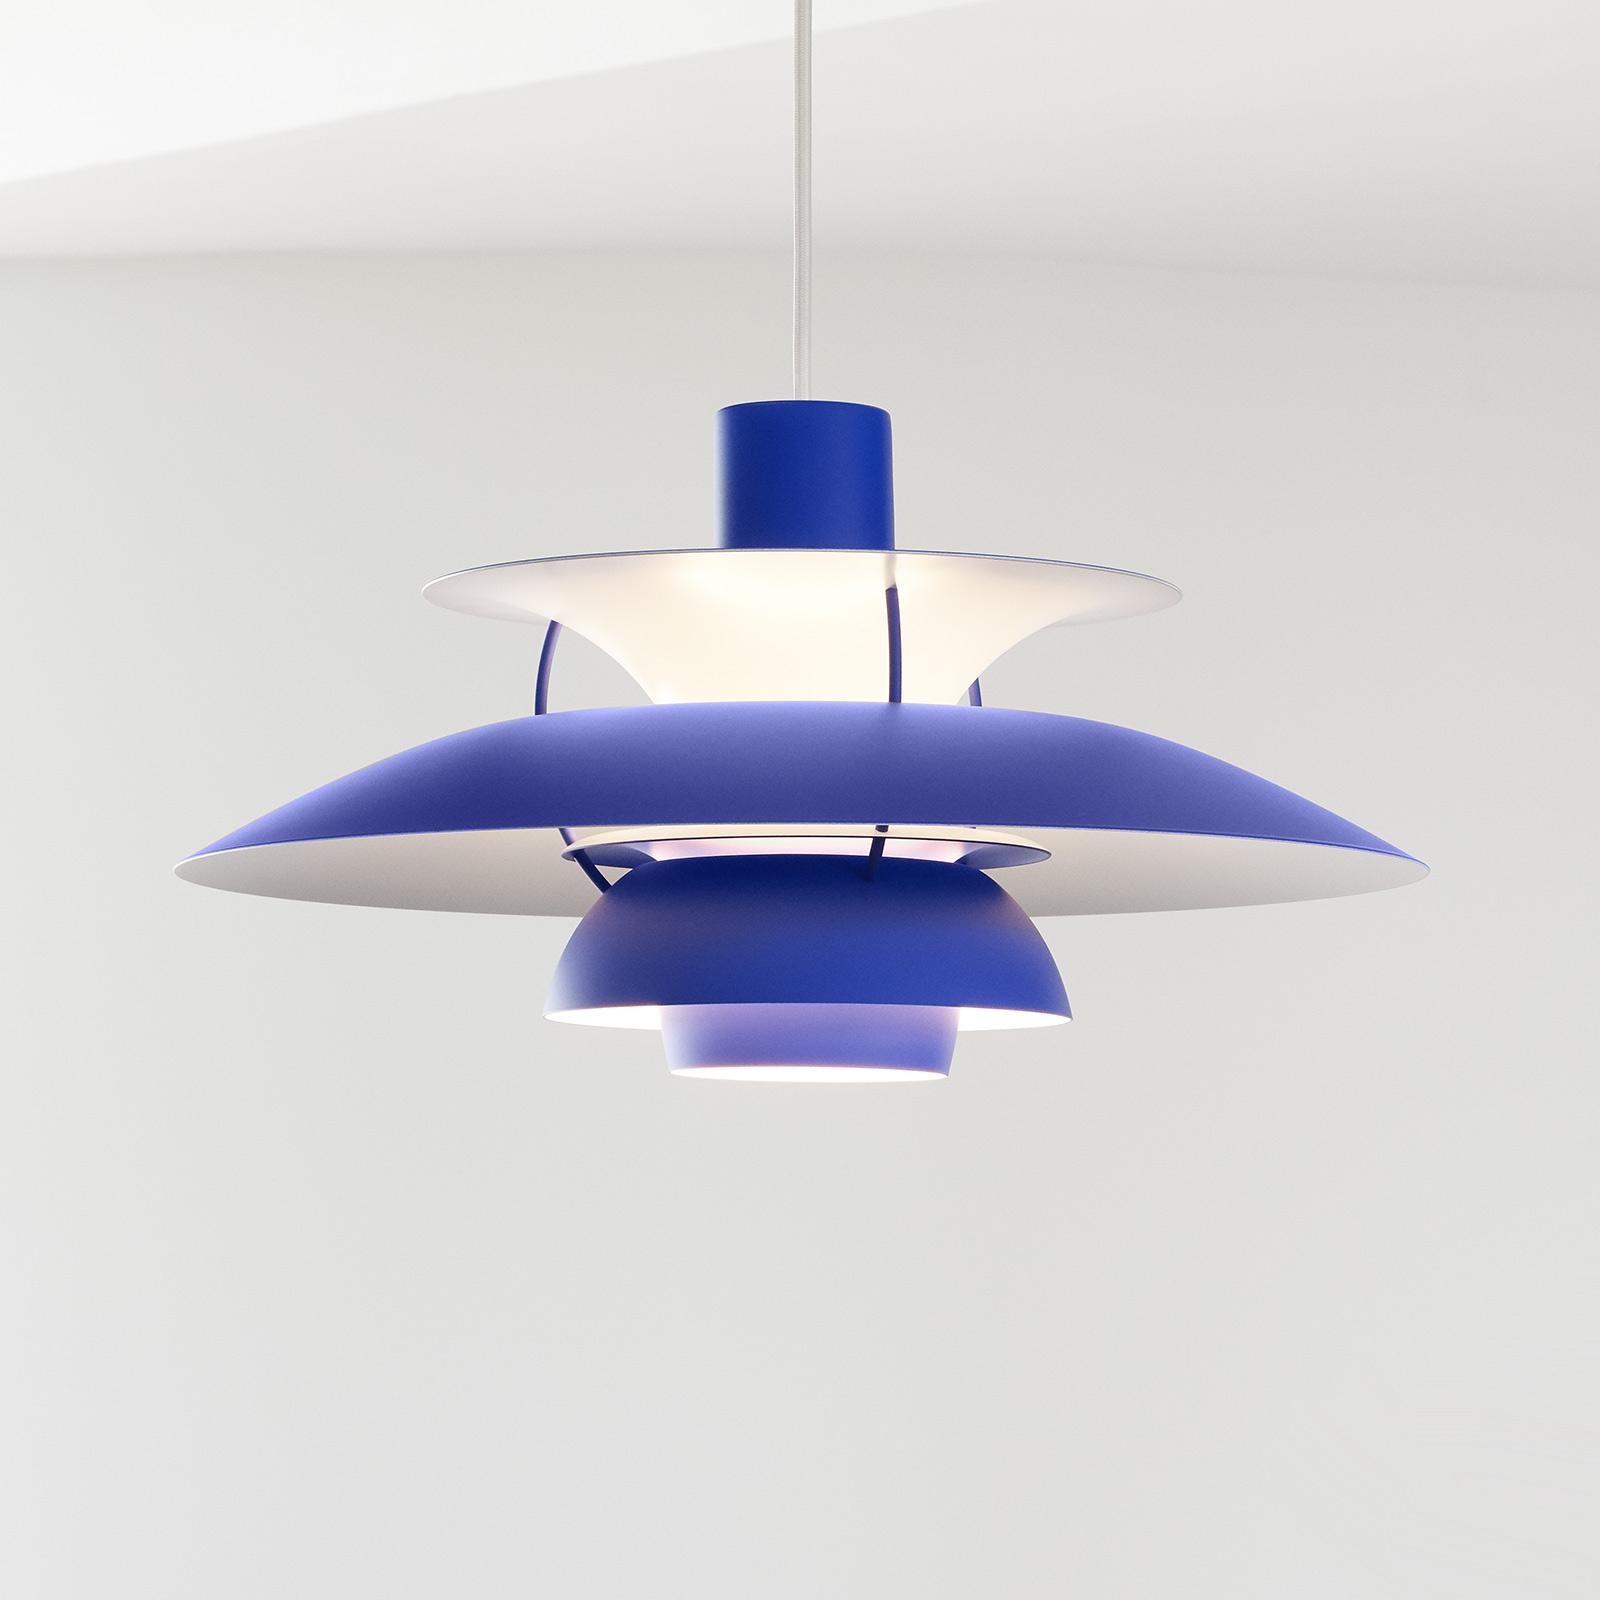 Louis Poulsen PH 5 Mini slinger monochroom blauw